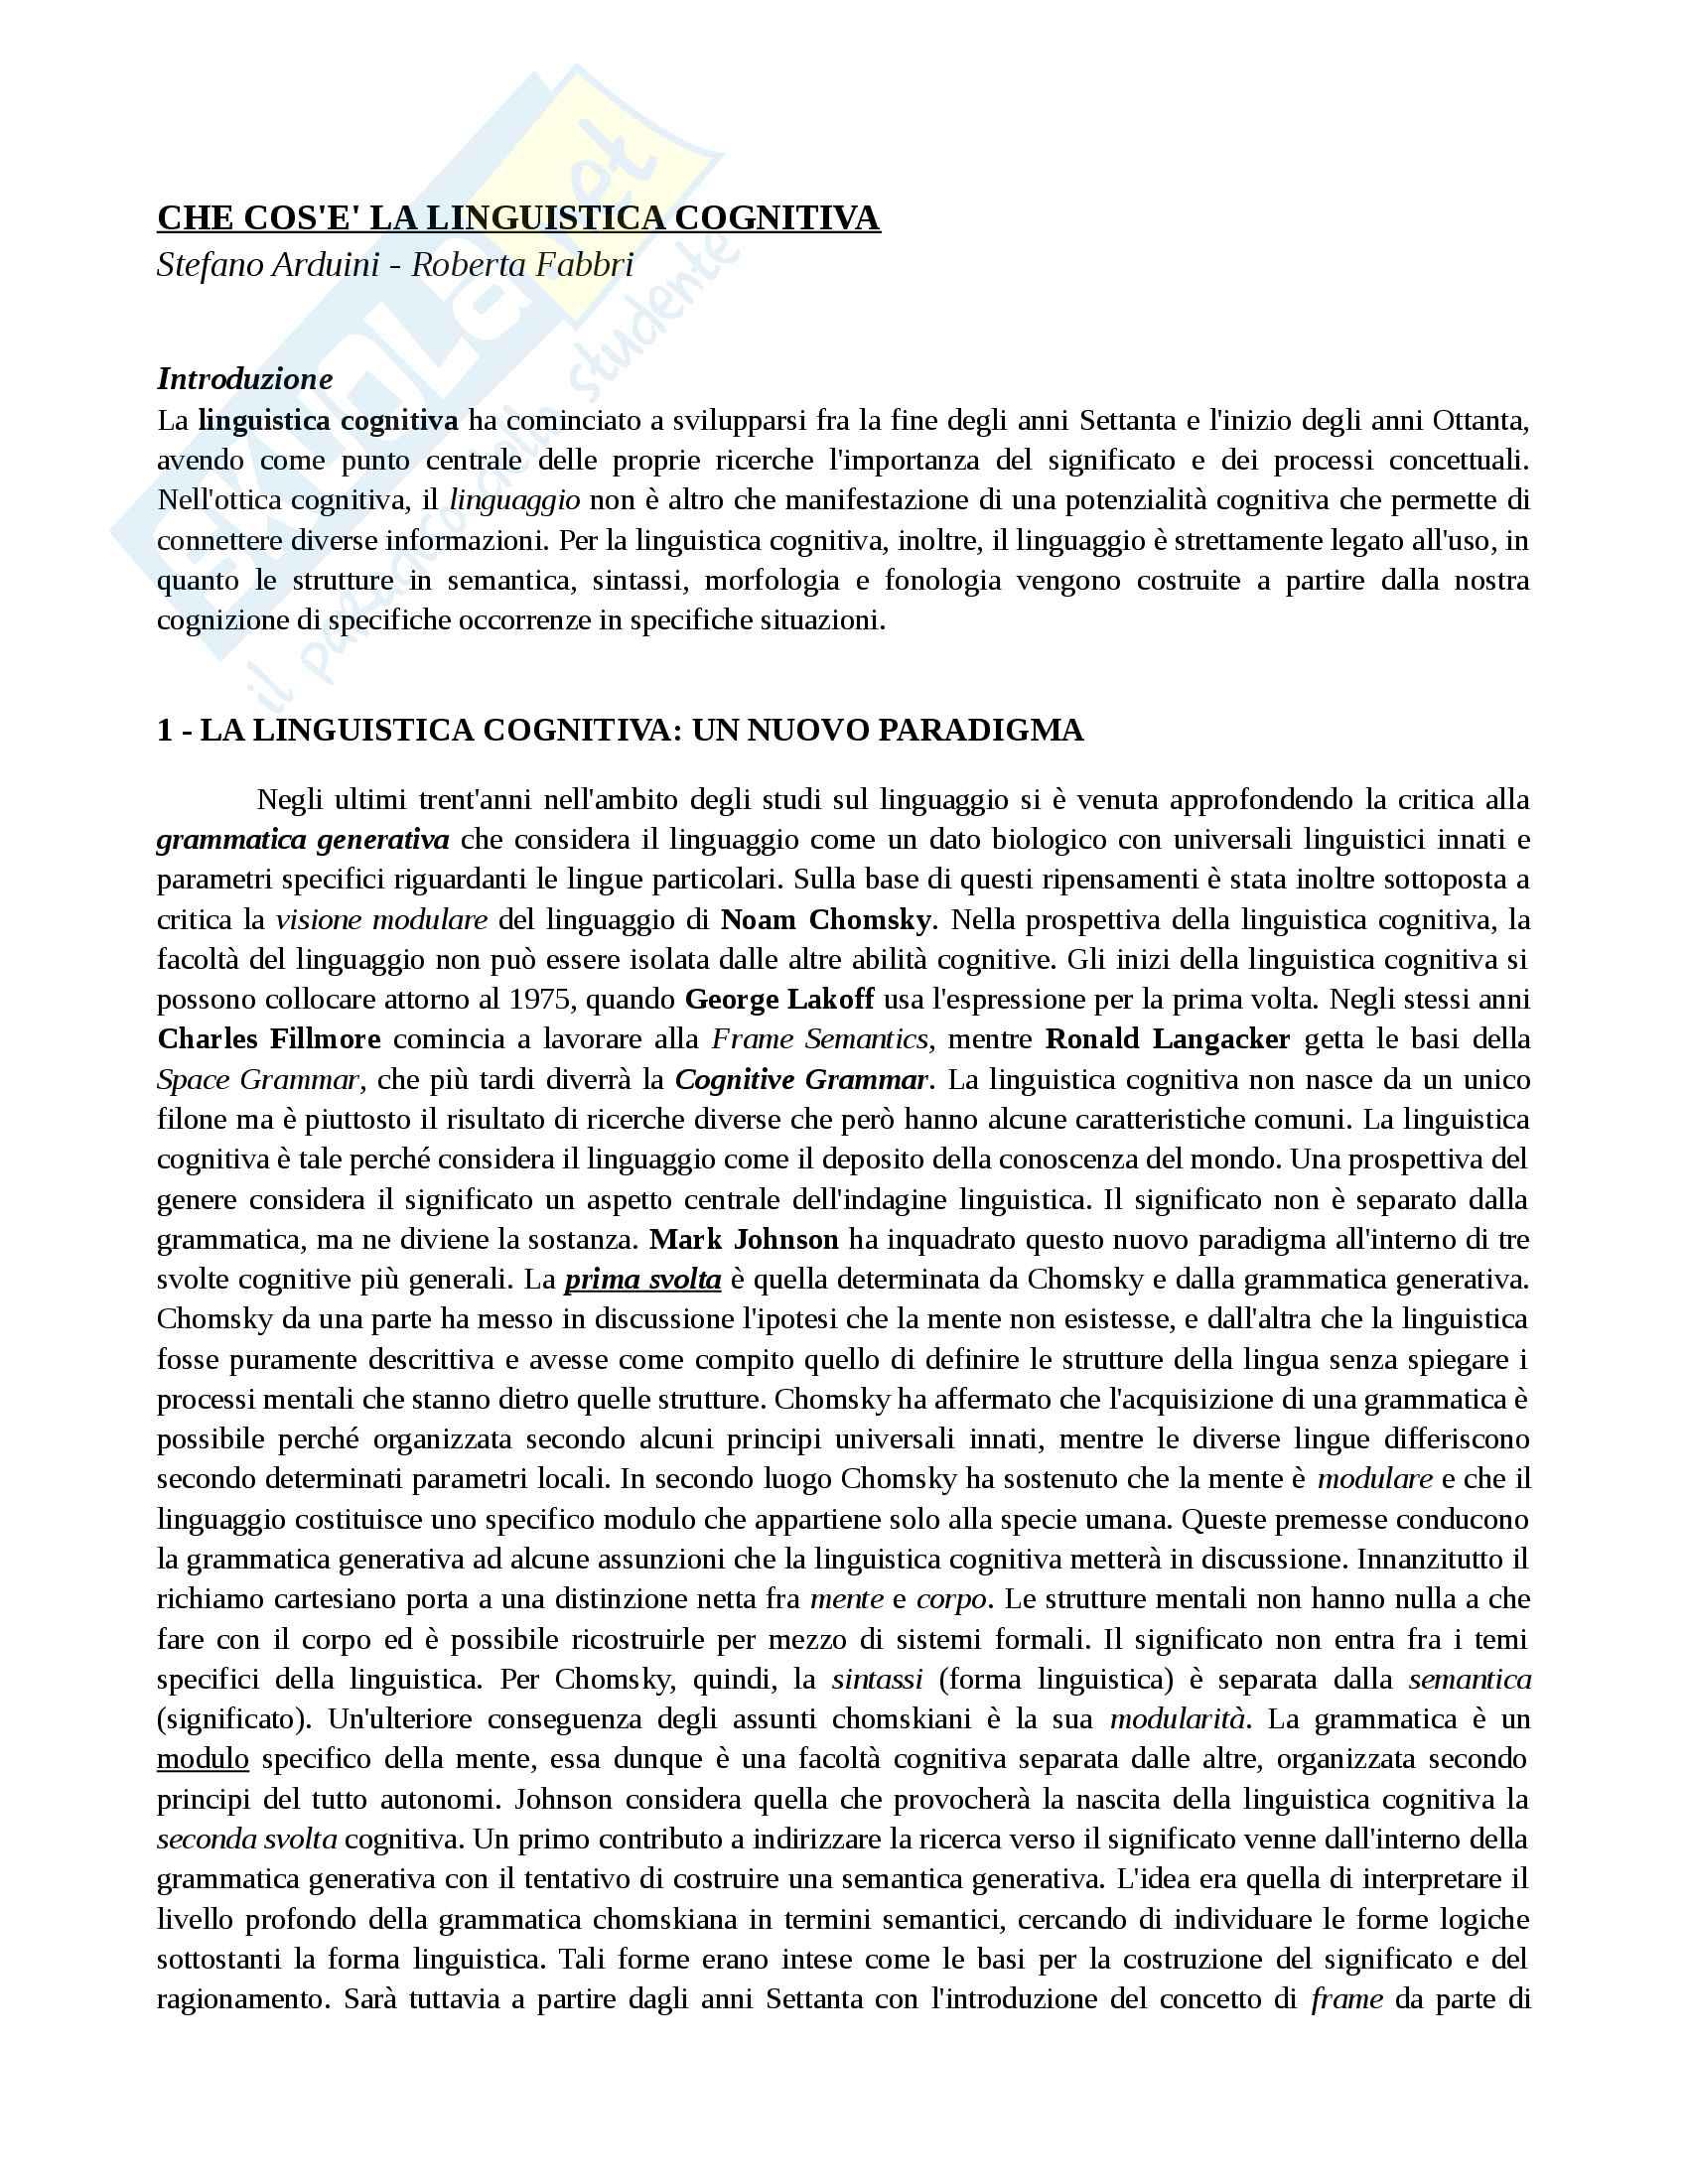 Riassunto esame Glottologia e linguistica avanzato, prof. Benvenuto, libro consigliato Che cos'è la linguistica cognitiva, Arduini, Fabbri